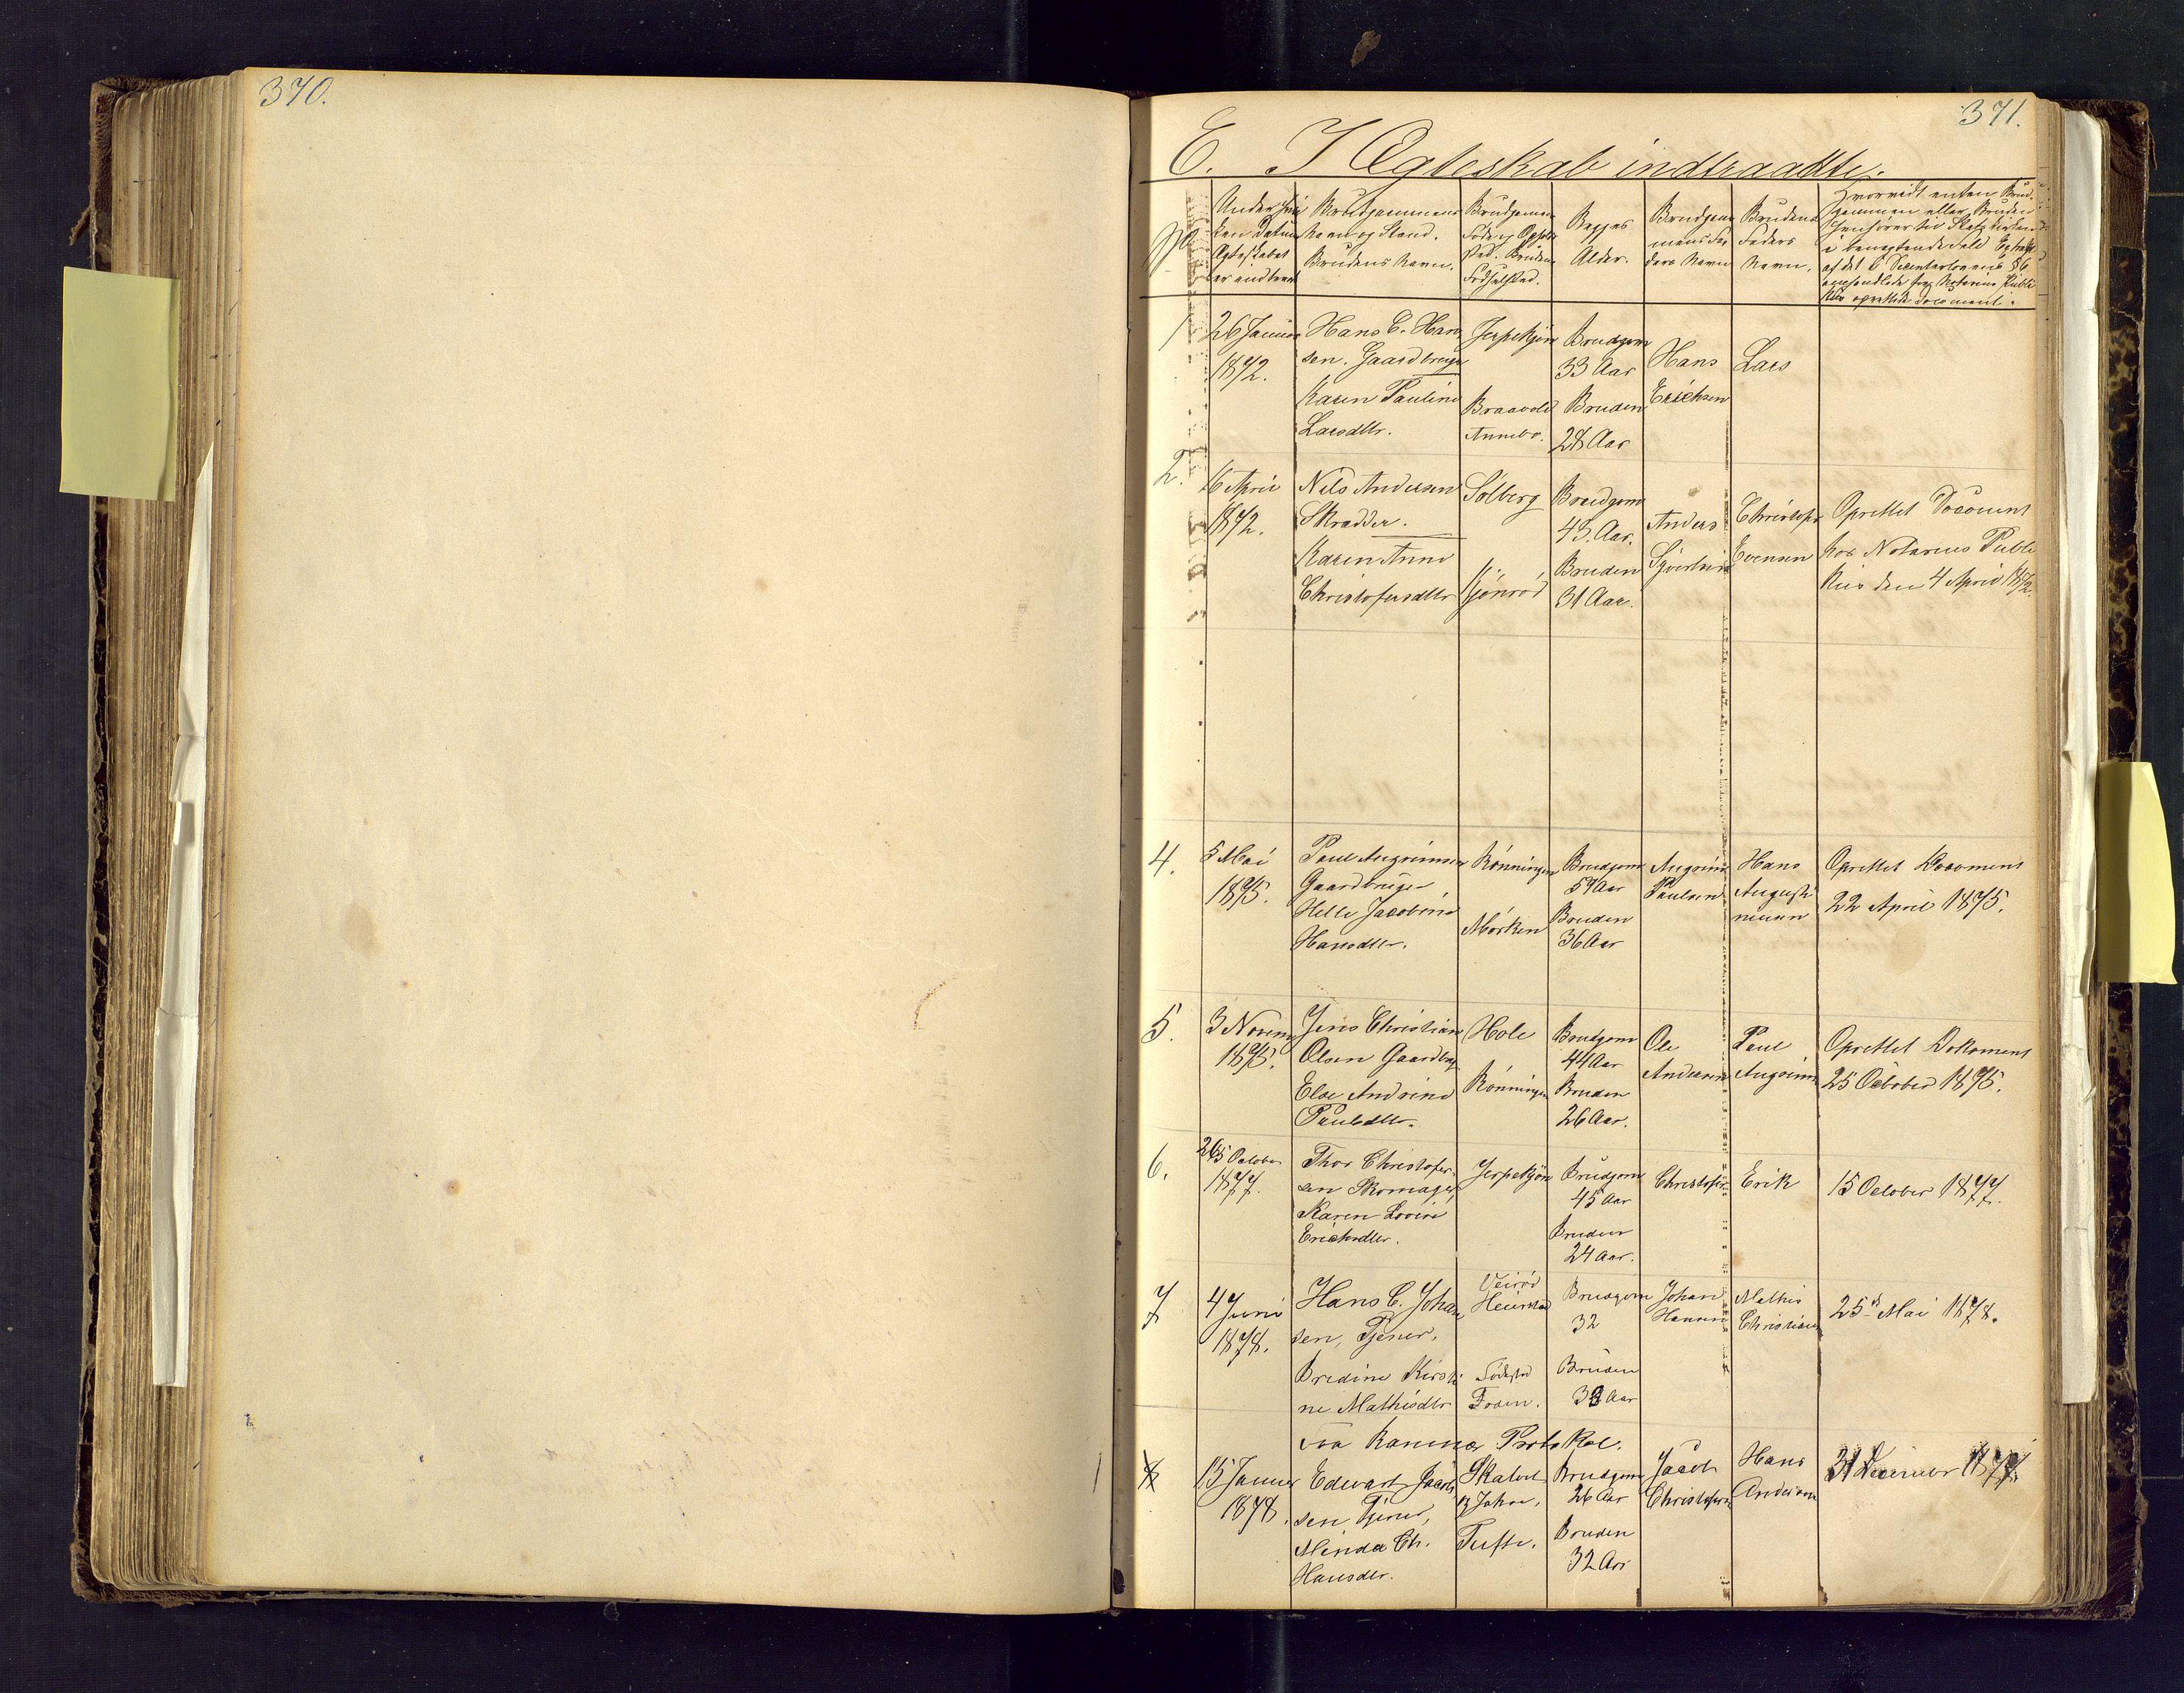 SAKO, Den evangeliske lutherske frimenighet (SAKO), Dissenter register no. Fa/L0001, 1872-1925, p. 370-371